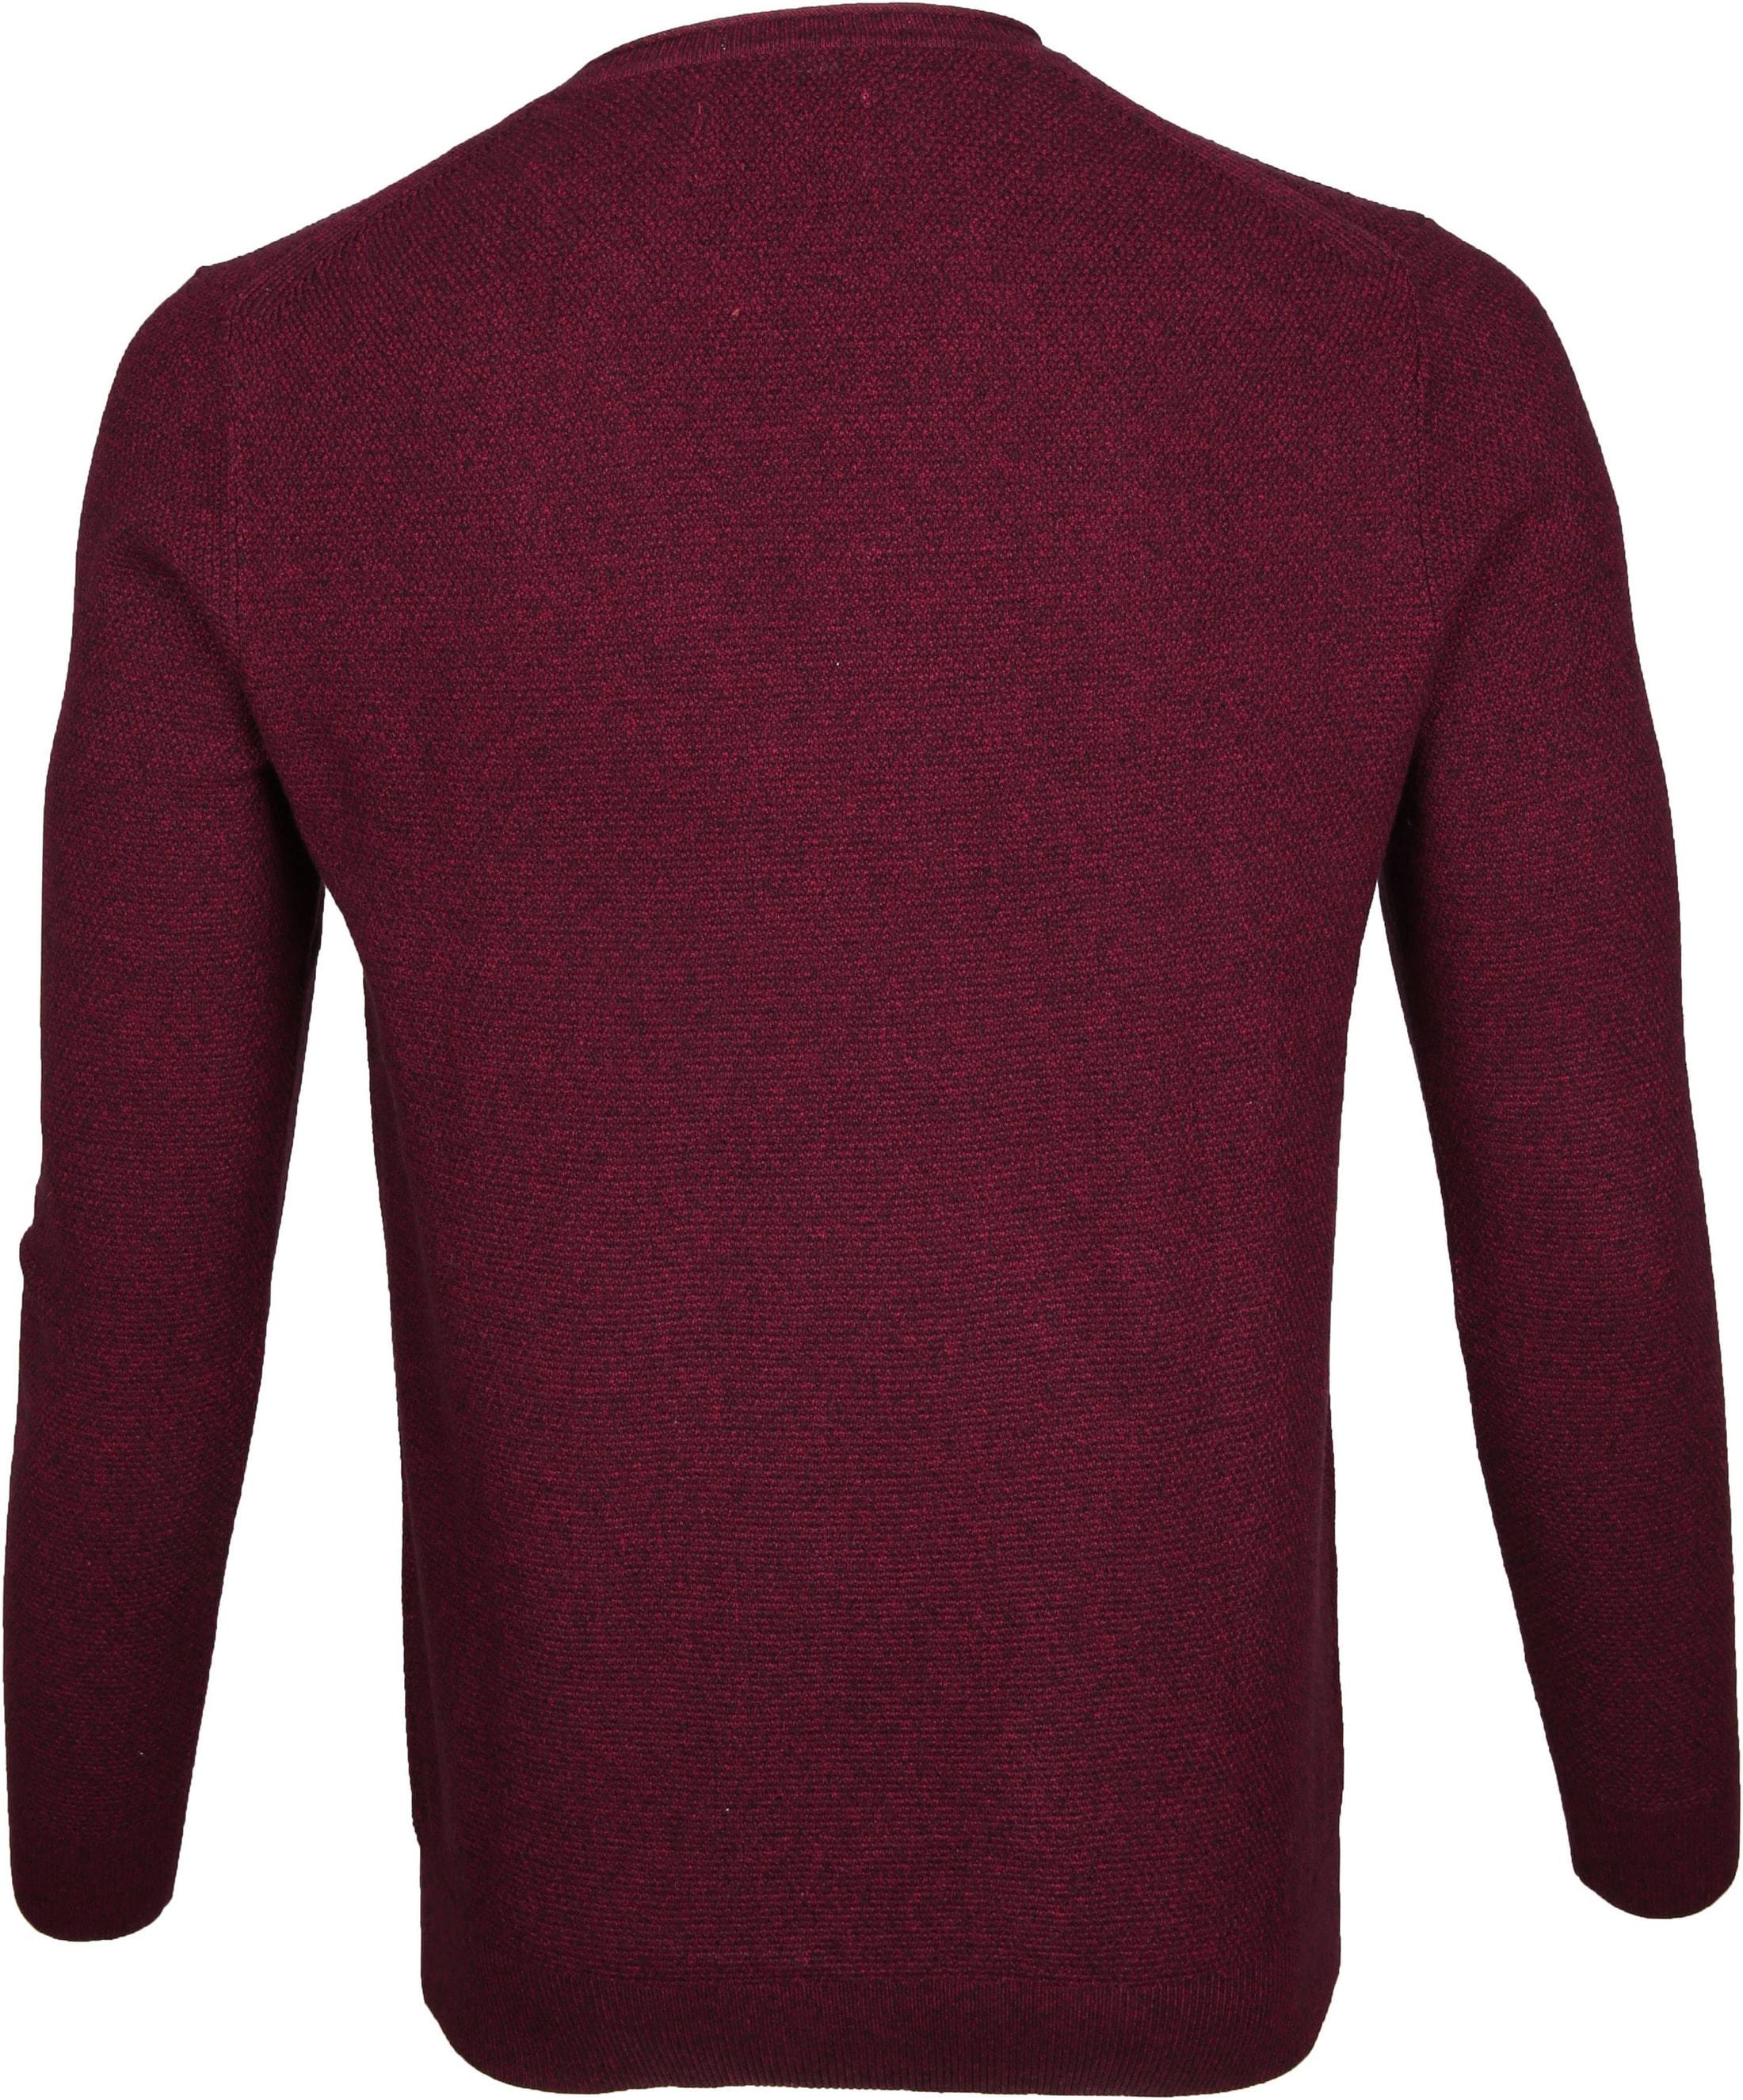 Suitable Pullover Hong Bordeaux foto 3